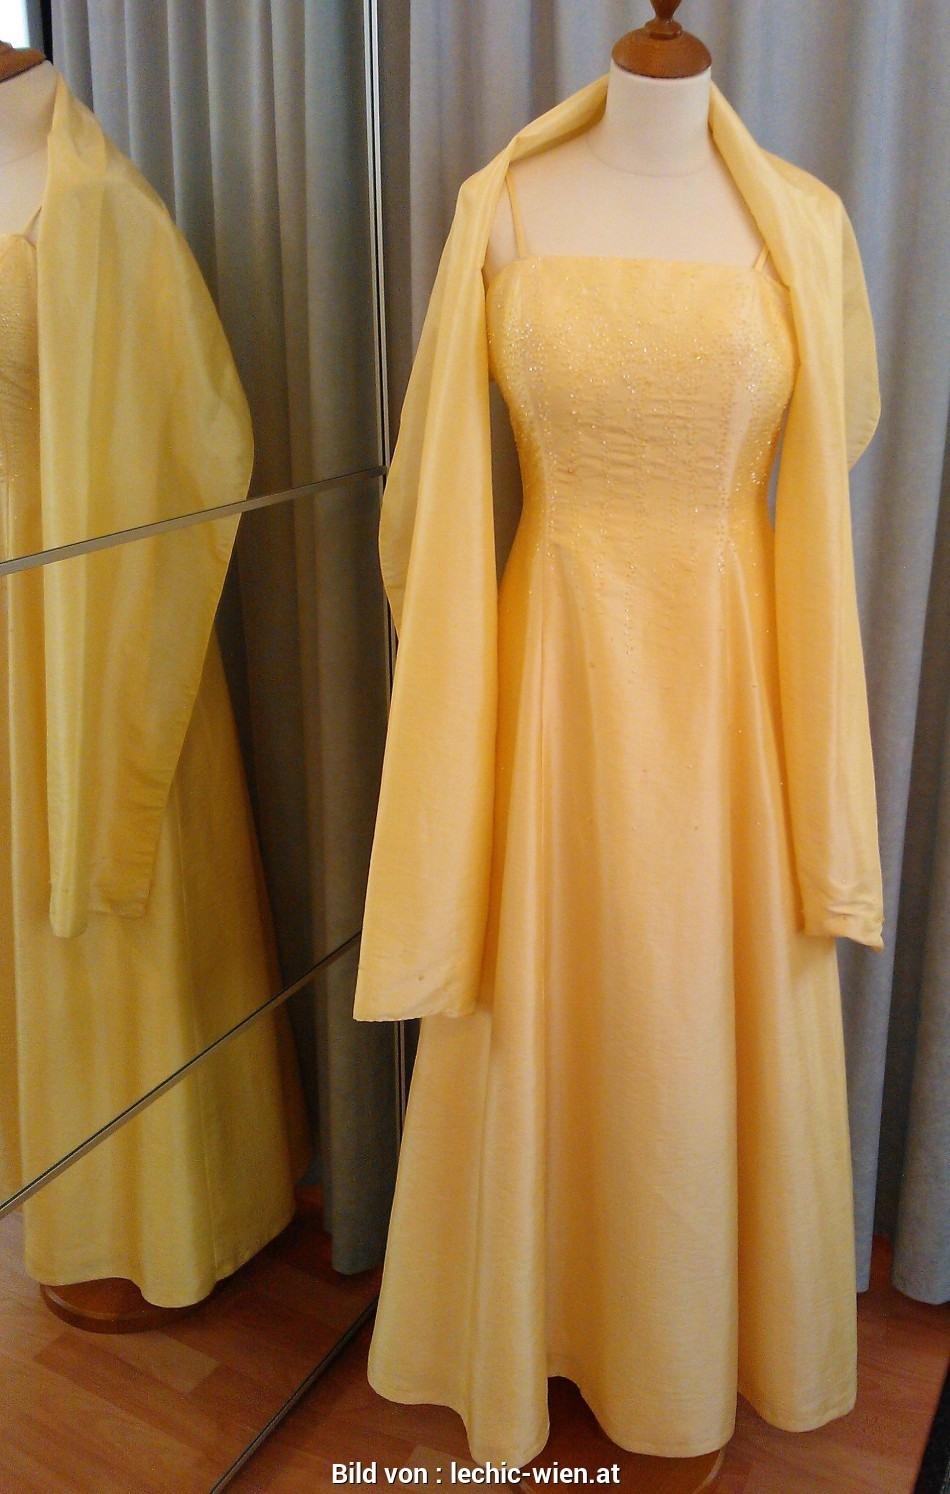 20 Genial Abendkleid Verkaufen Stylish15 Cool Abendkleid Verkaufen Spezialgebiet